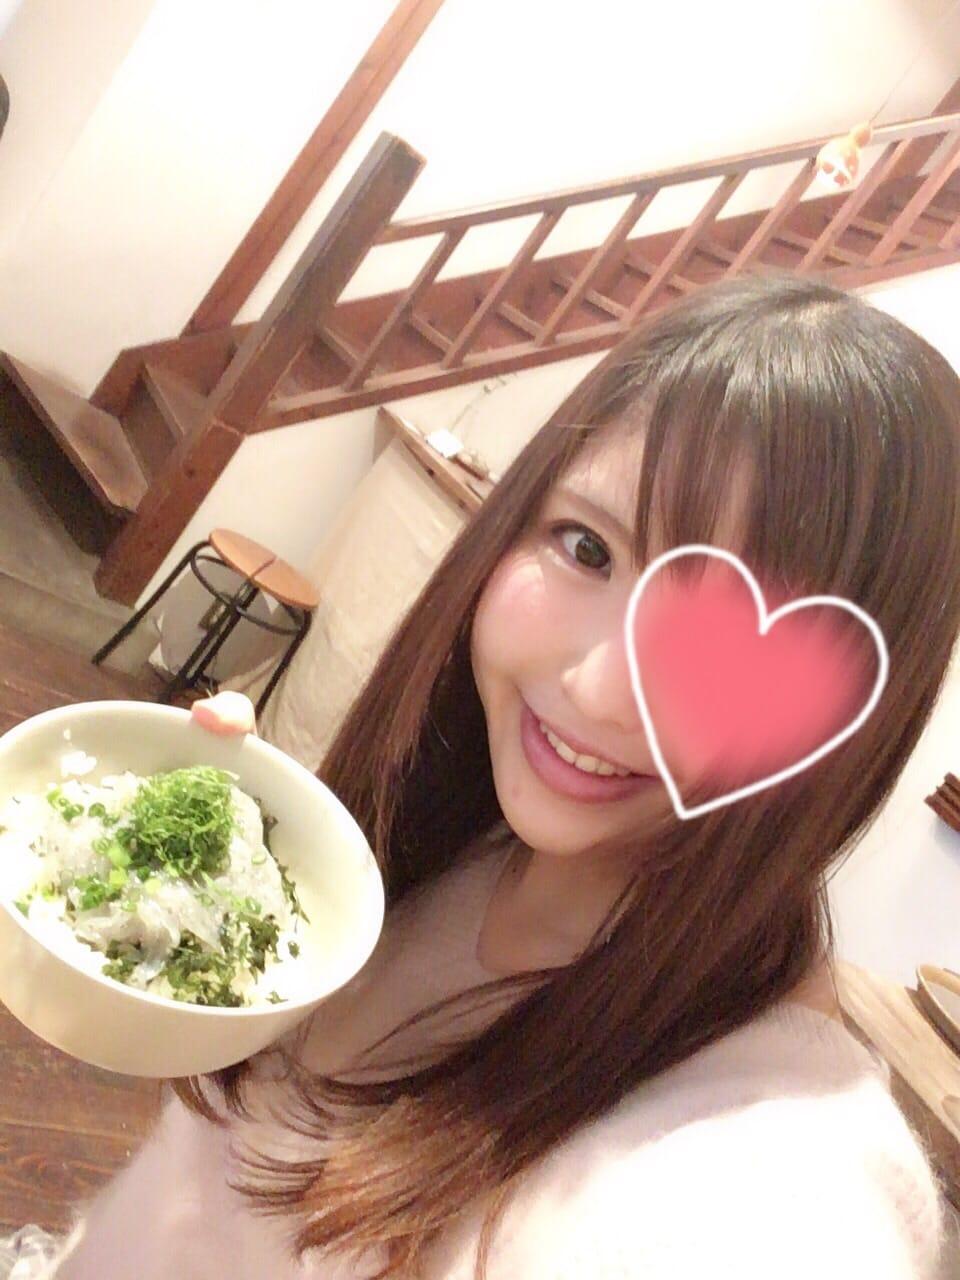 「しらす丼ー♡」02/13(火) 23:32 | みなみの写メ・風俗動画